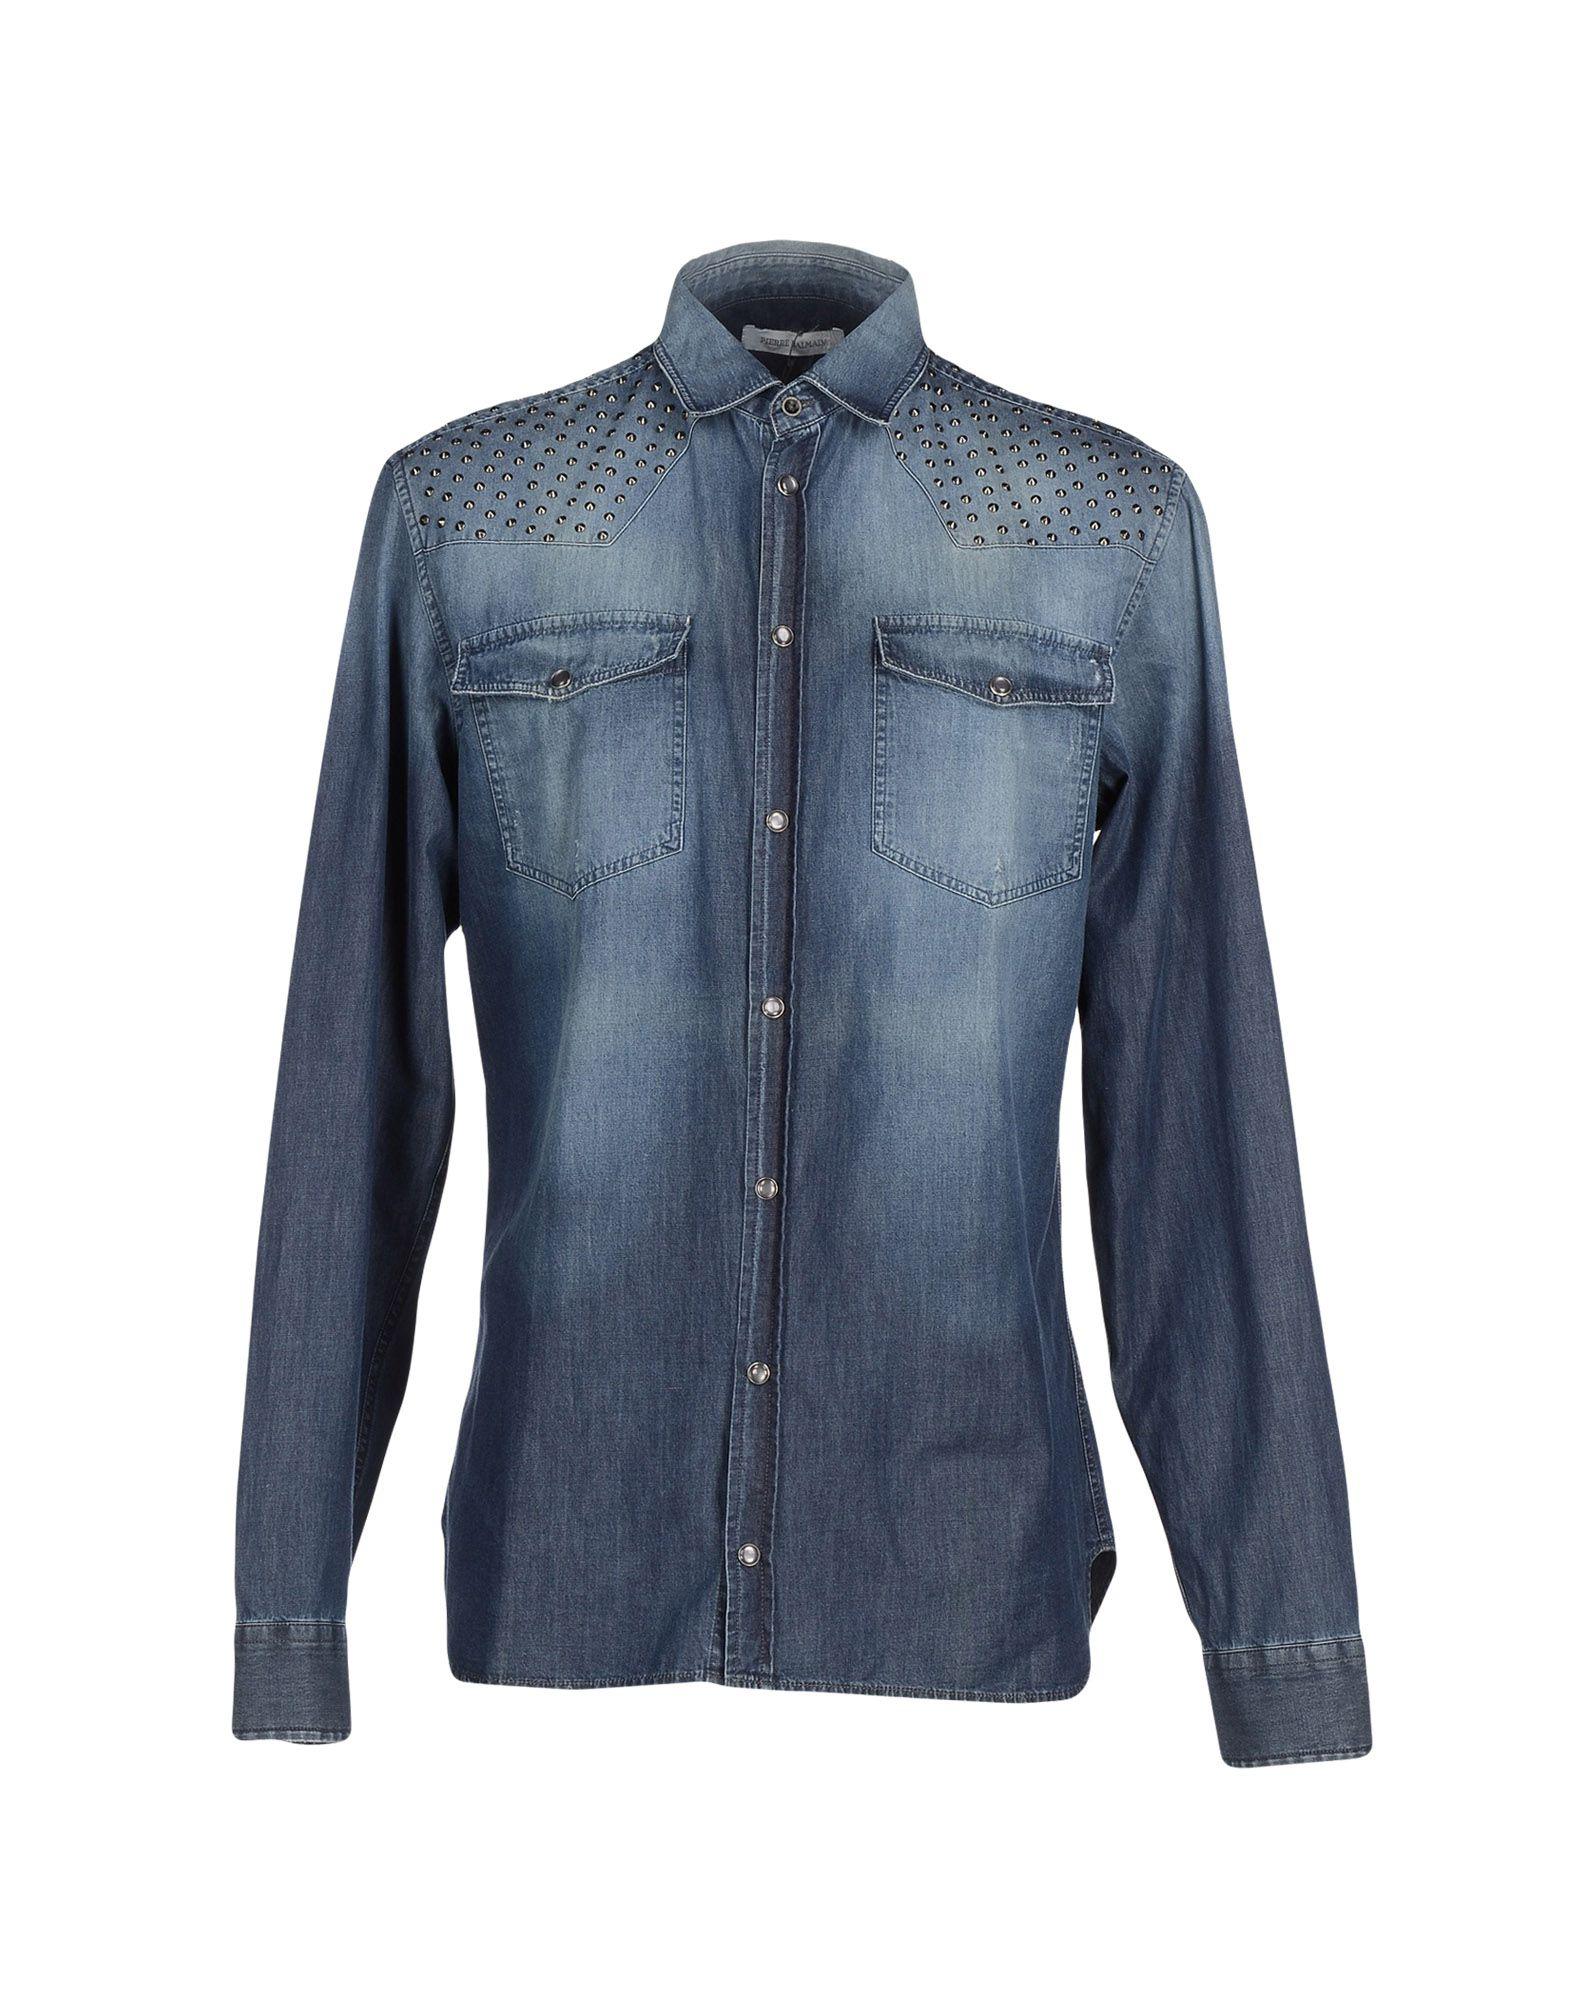 PIERRE BALMAIN Джинсовая рубашка рубашка pierre balmain рубашки и сорочки длинные